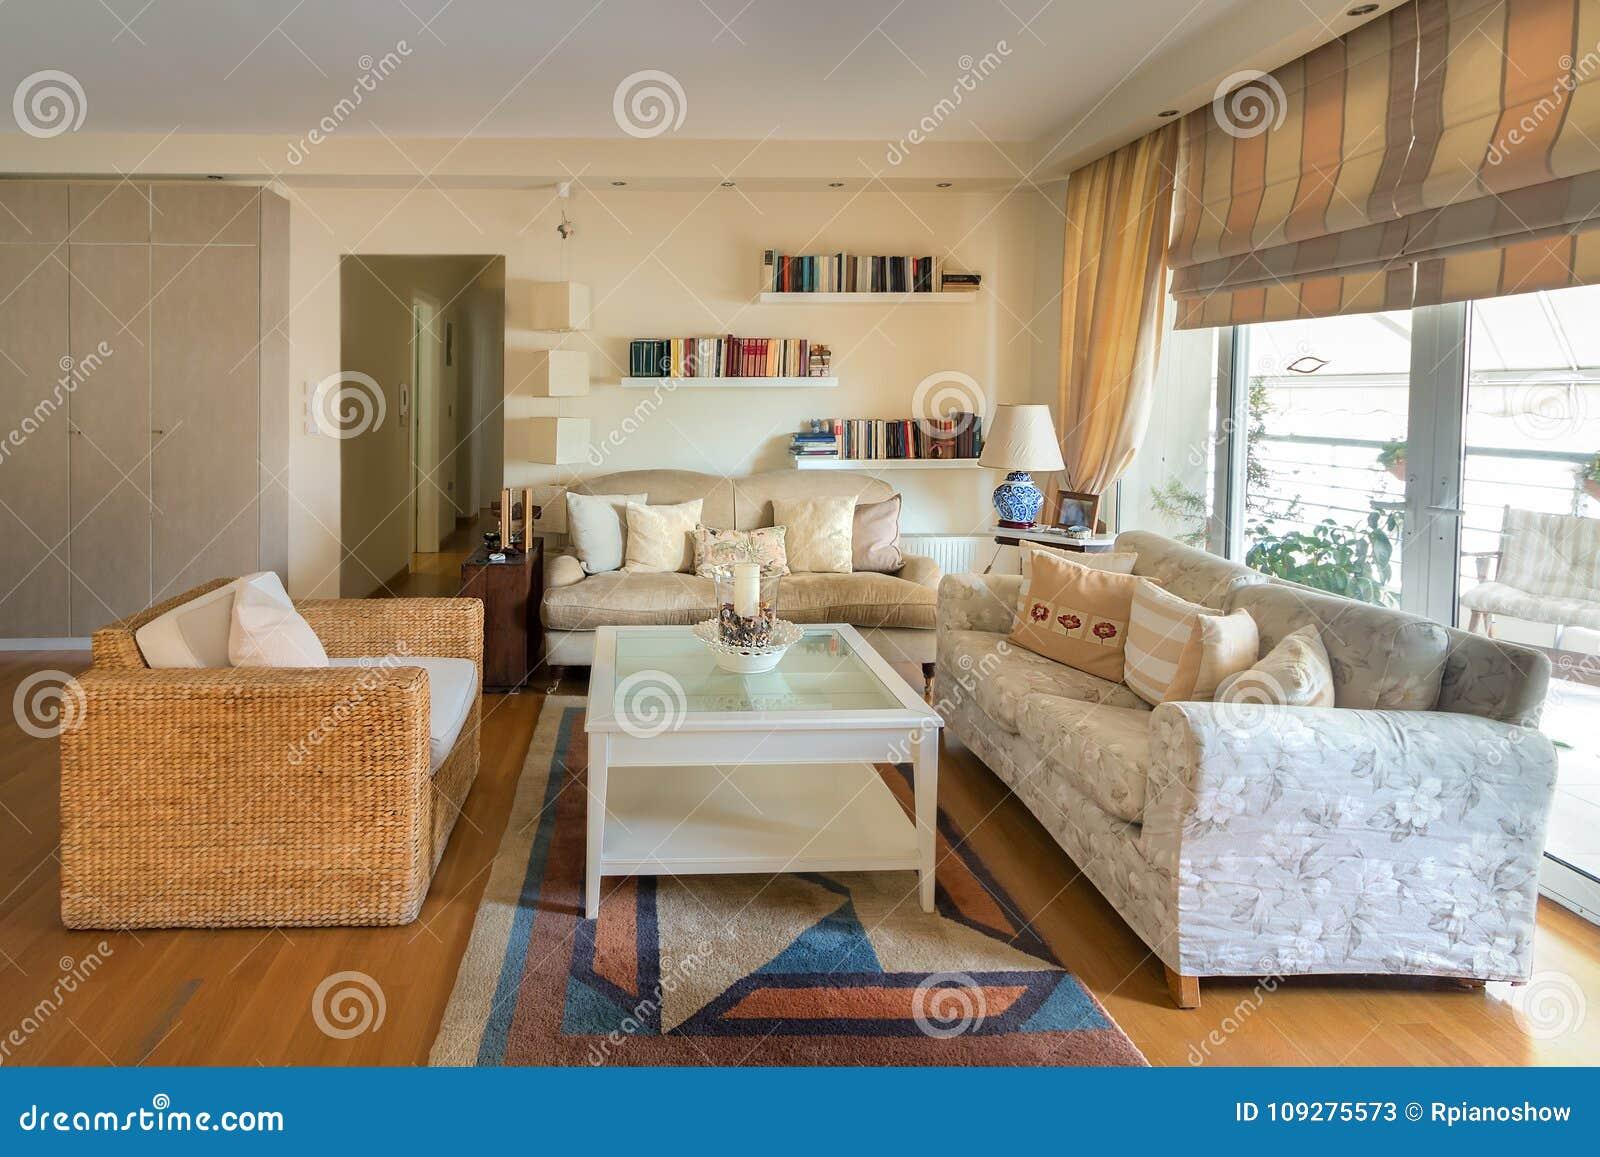 Table Basse Grand Salon chauffez le salon contemporayy de style avec deux sofas sur